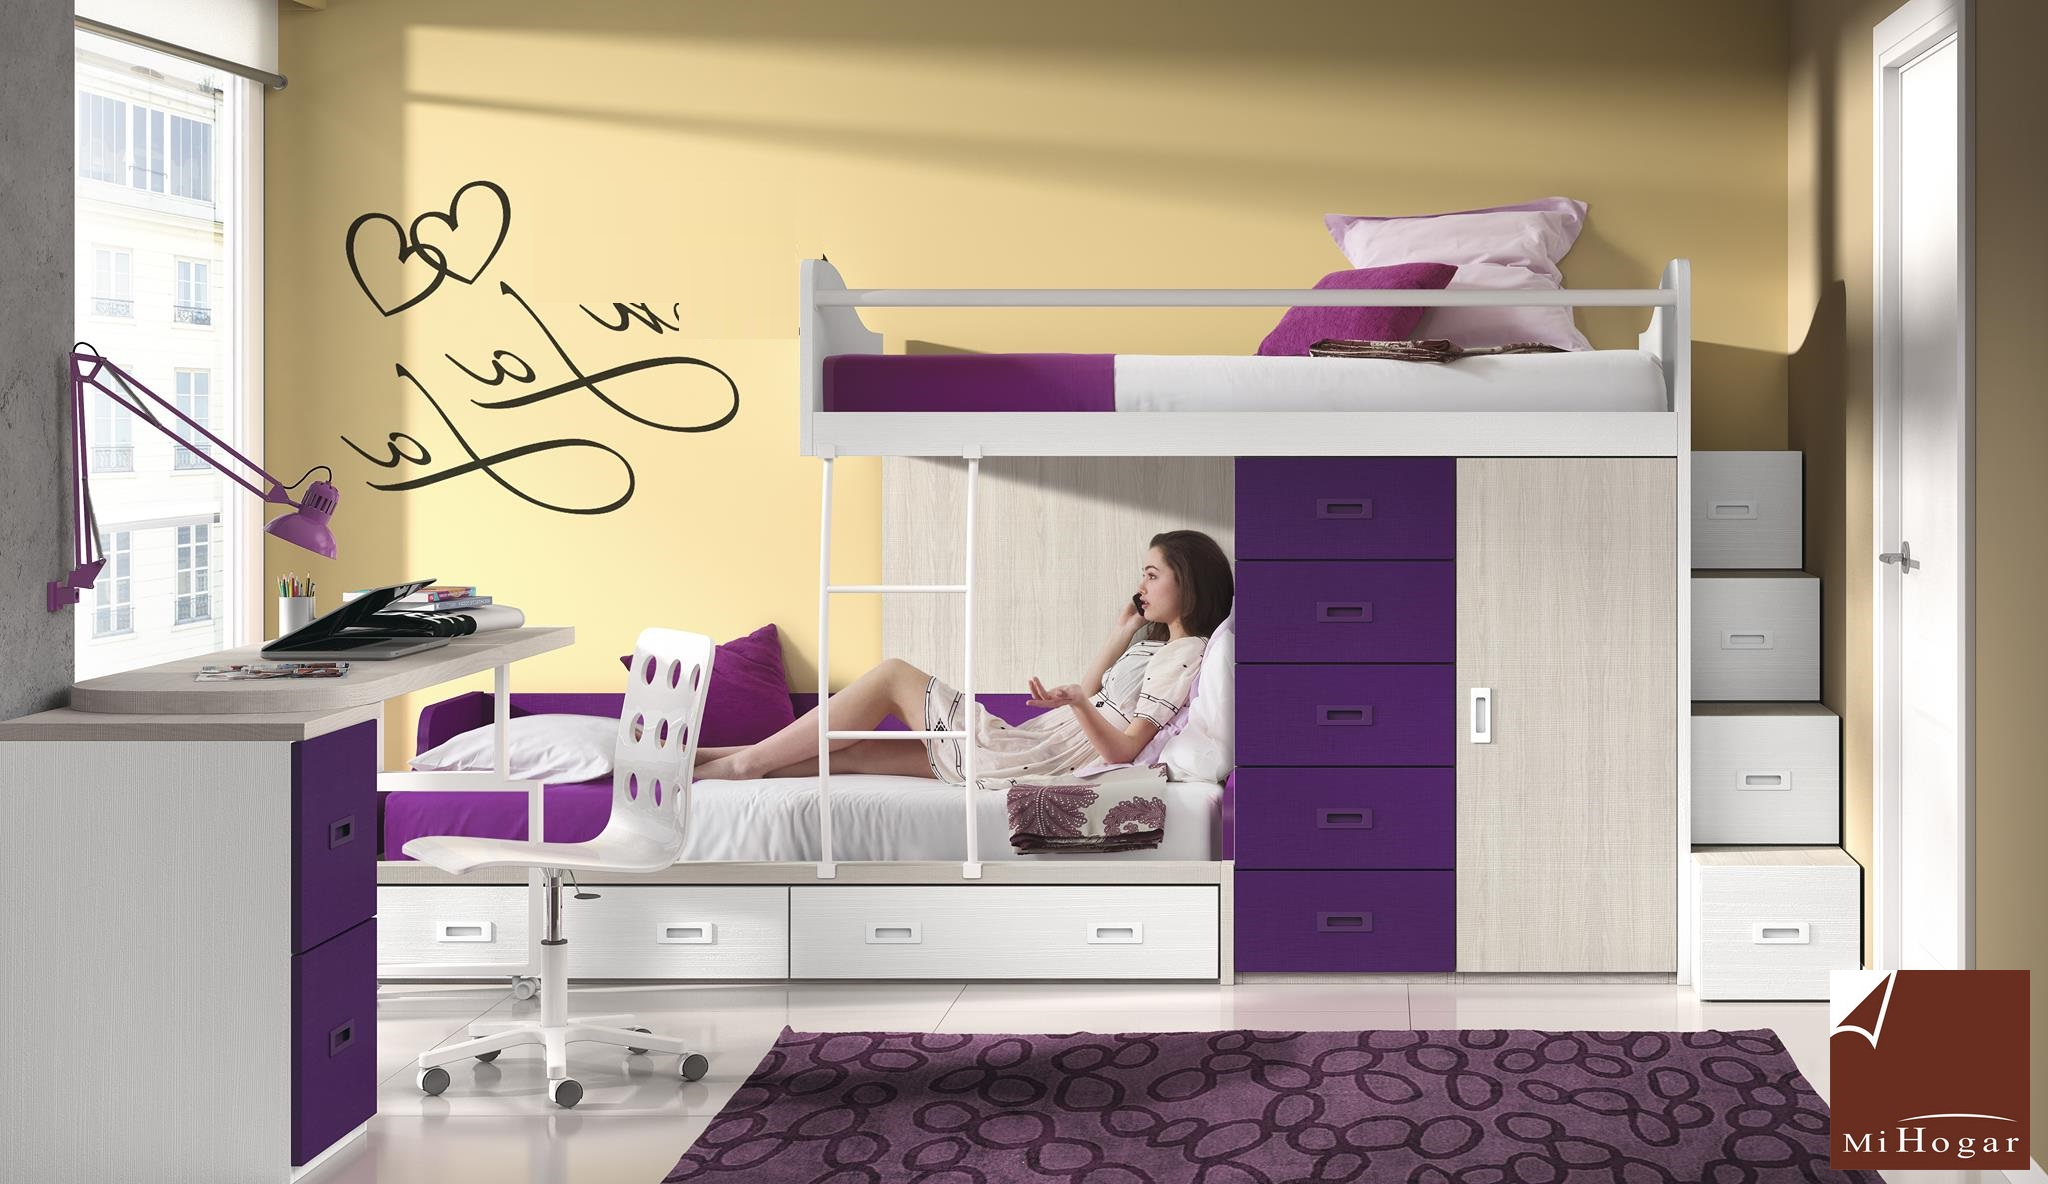 Dormitorios juveniles mox mi hogar for Dormitorios juveniles tipo tren